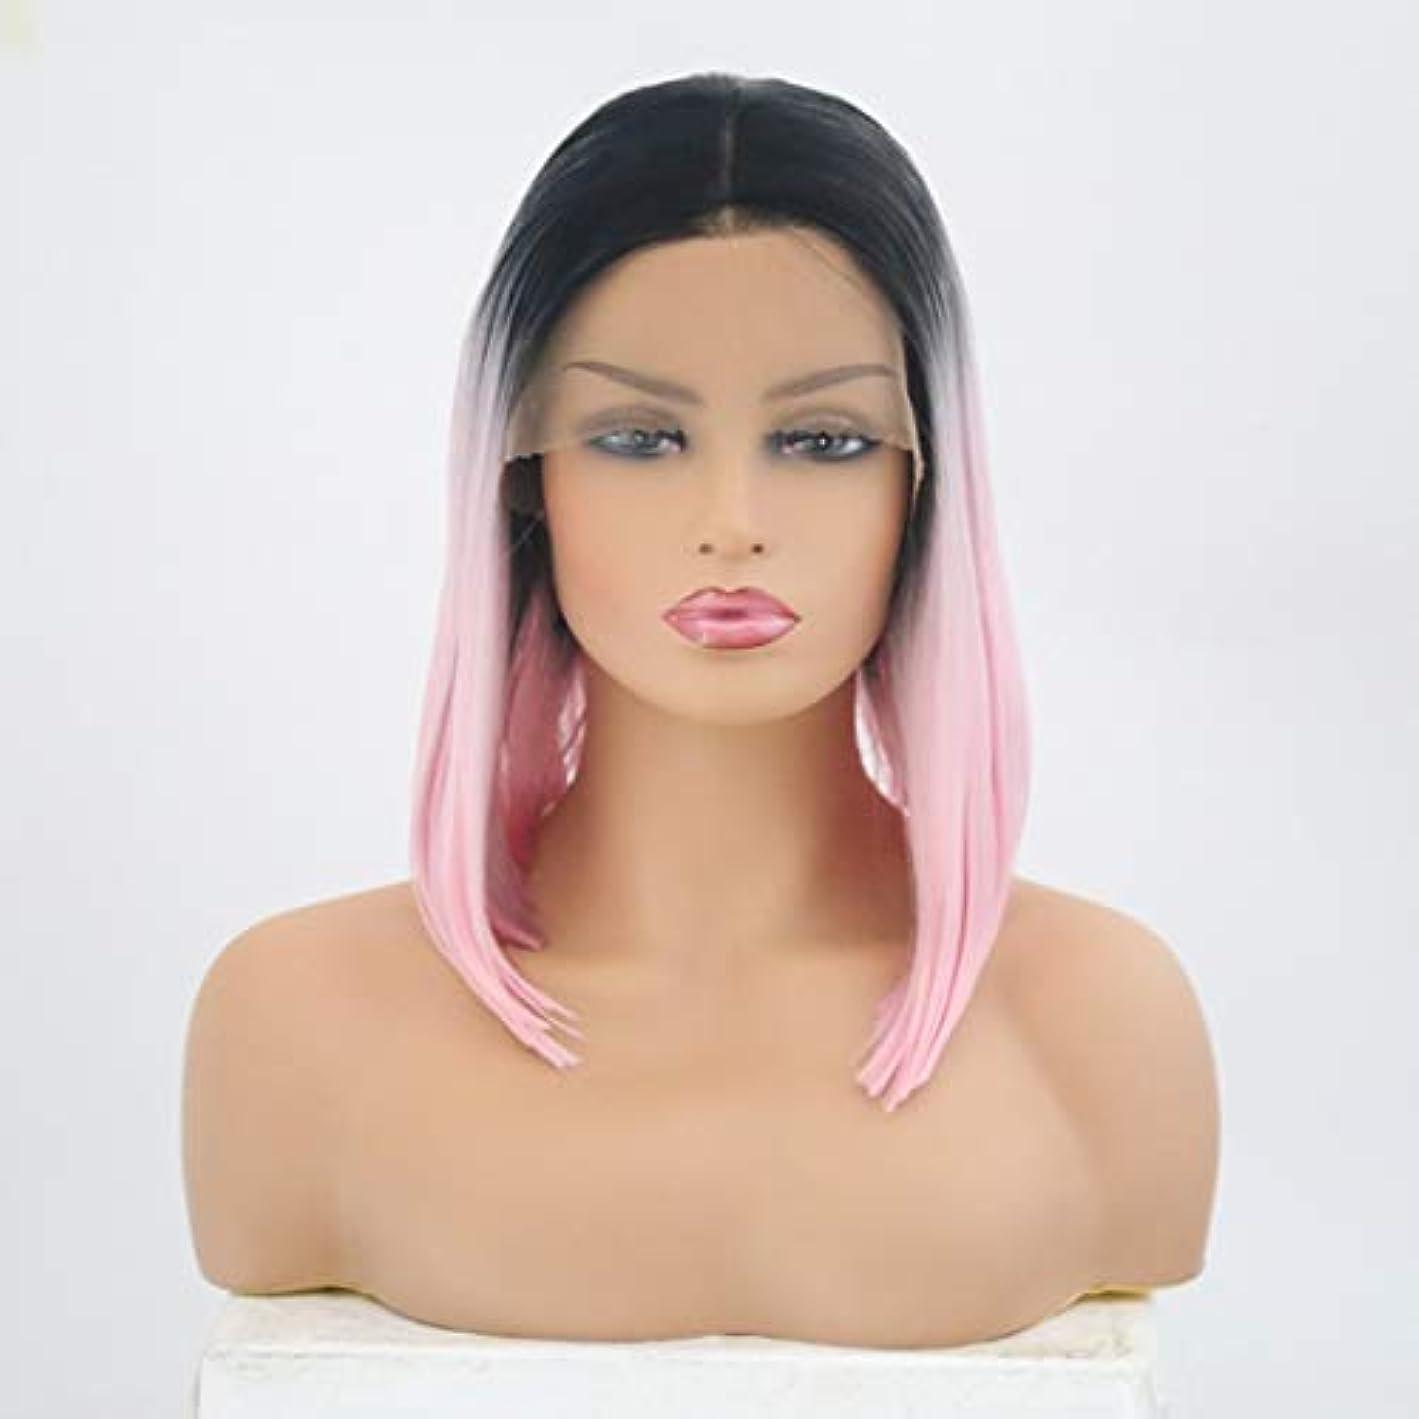 アンタゴニストそのアルファベット順Kerwinner 女性のための前髪の人工毛フロントレース付きショートボブウィッグ